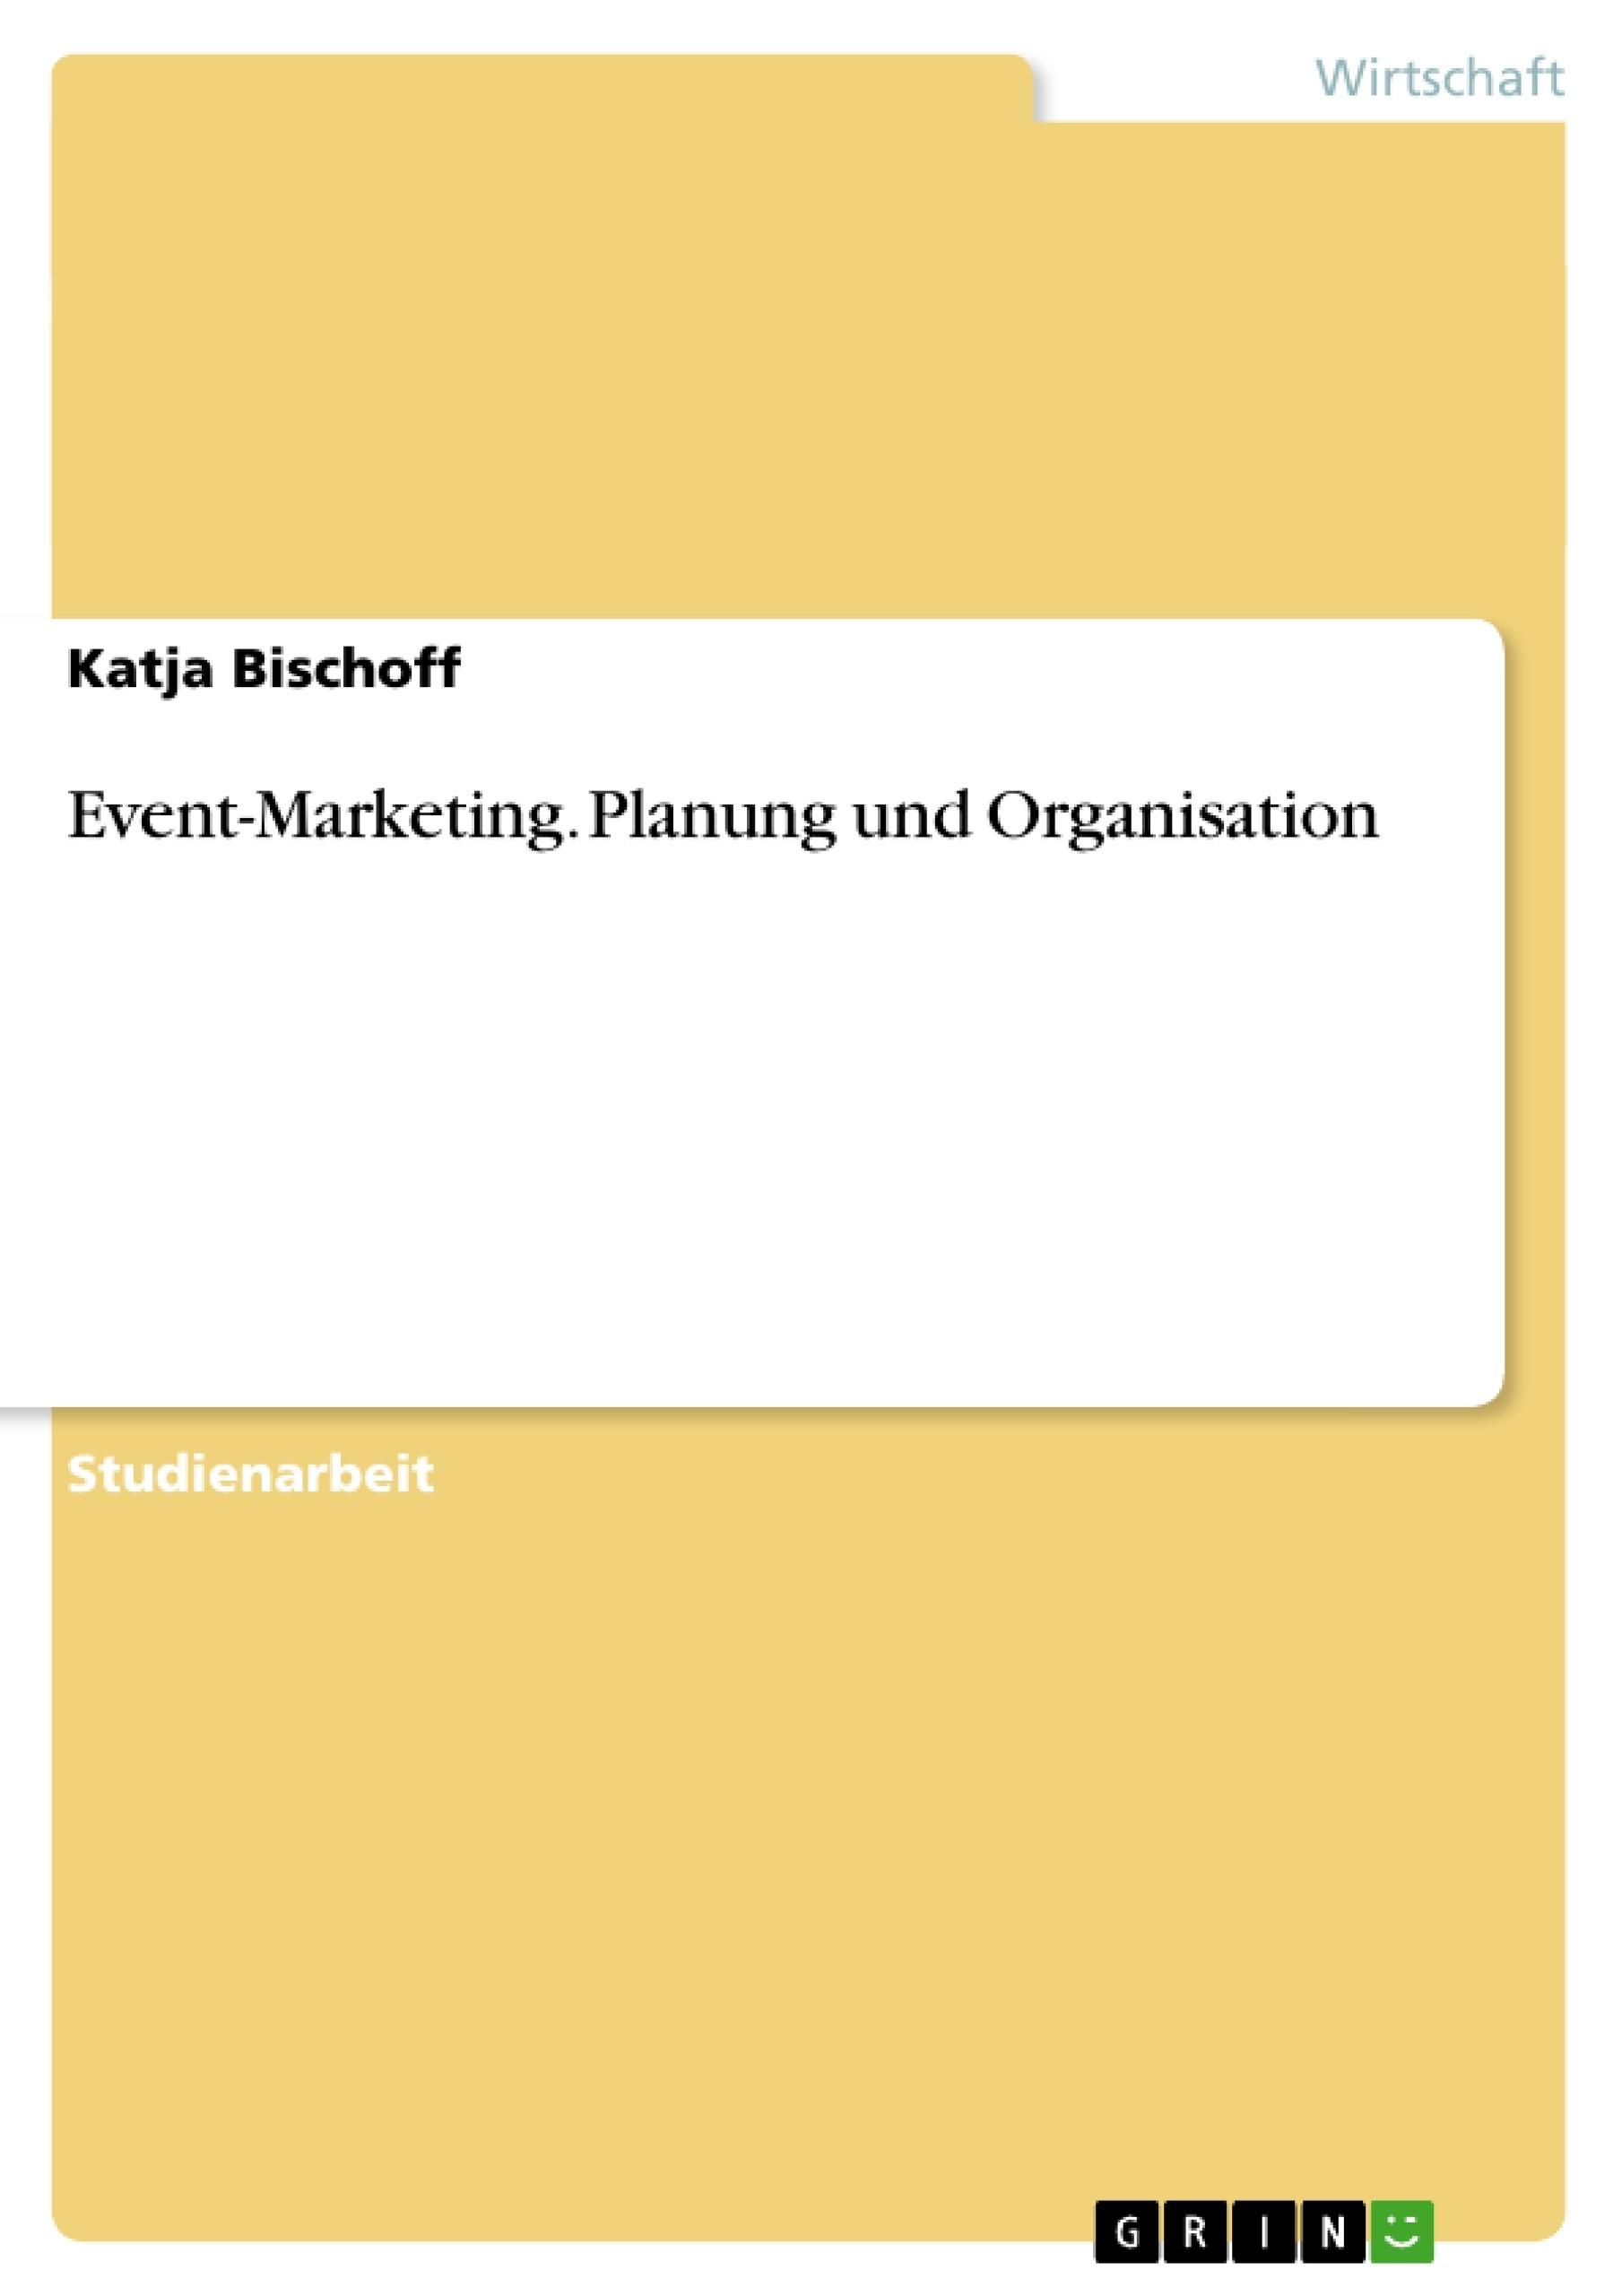 Titel: Event-Marketing. Planung und Organisation